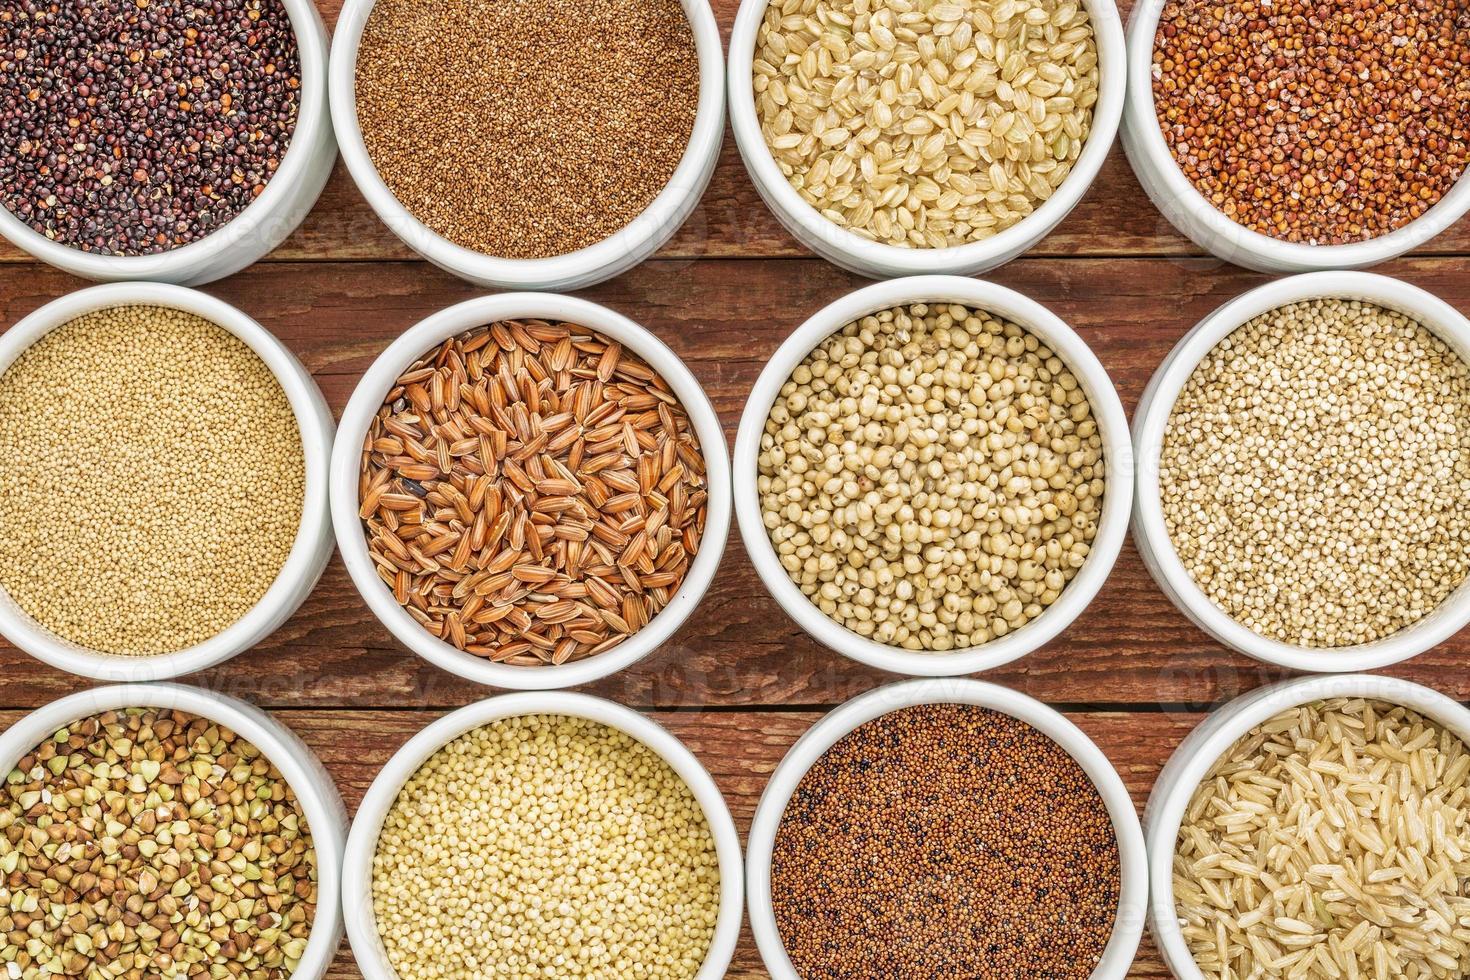 Resumen de granos saludables y sin gluten foto